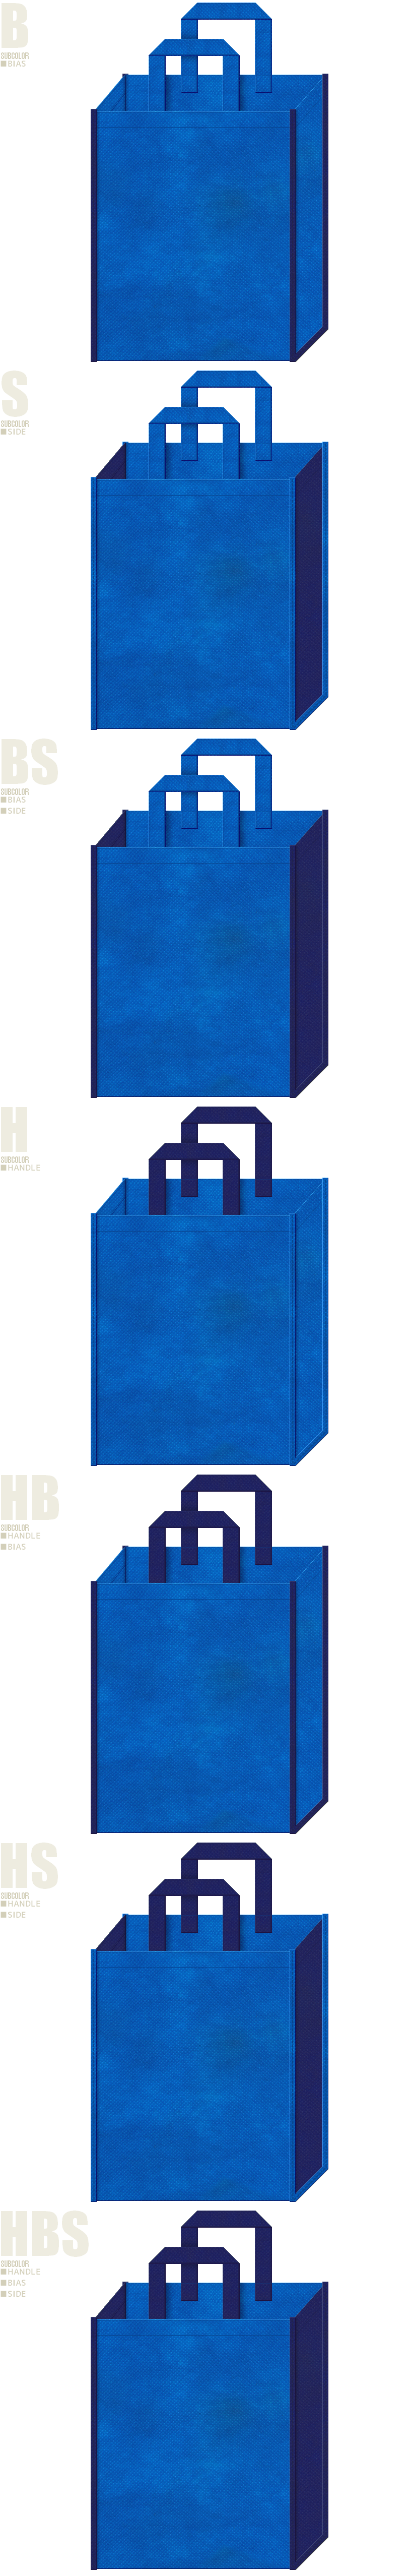 不織布トートバッグのデザイン例-不織布メインカラーNo.22+サブカラーNo.24の2色7パターン